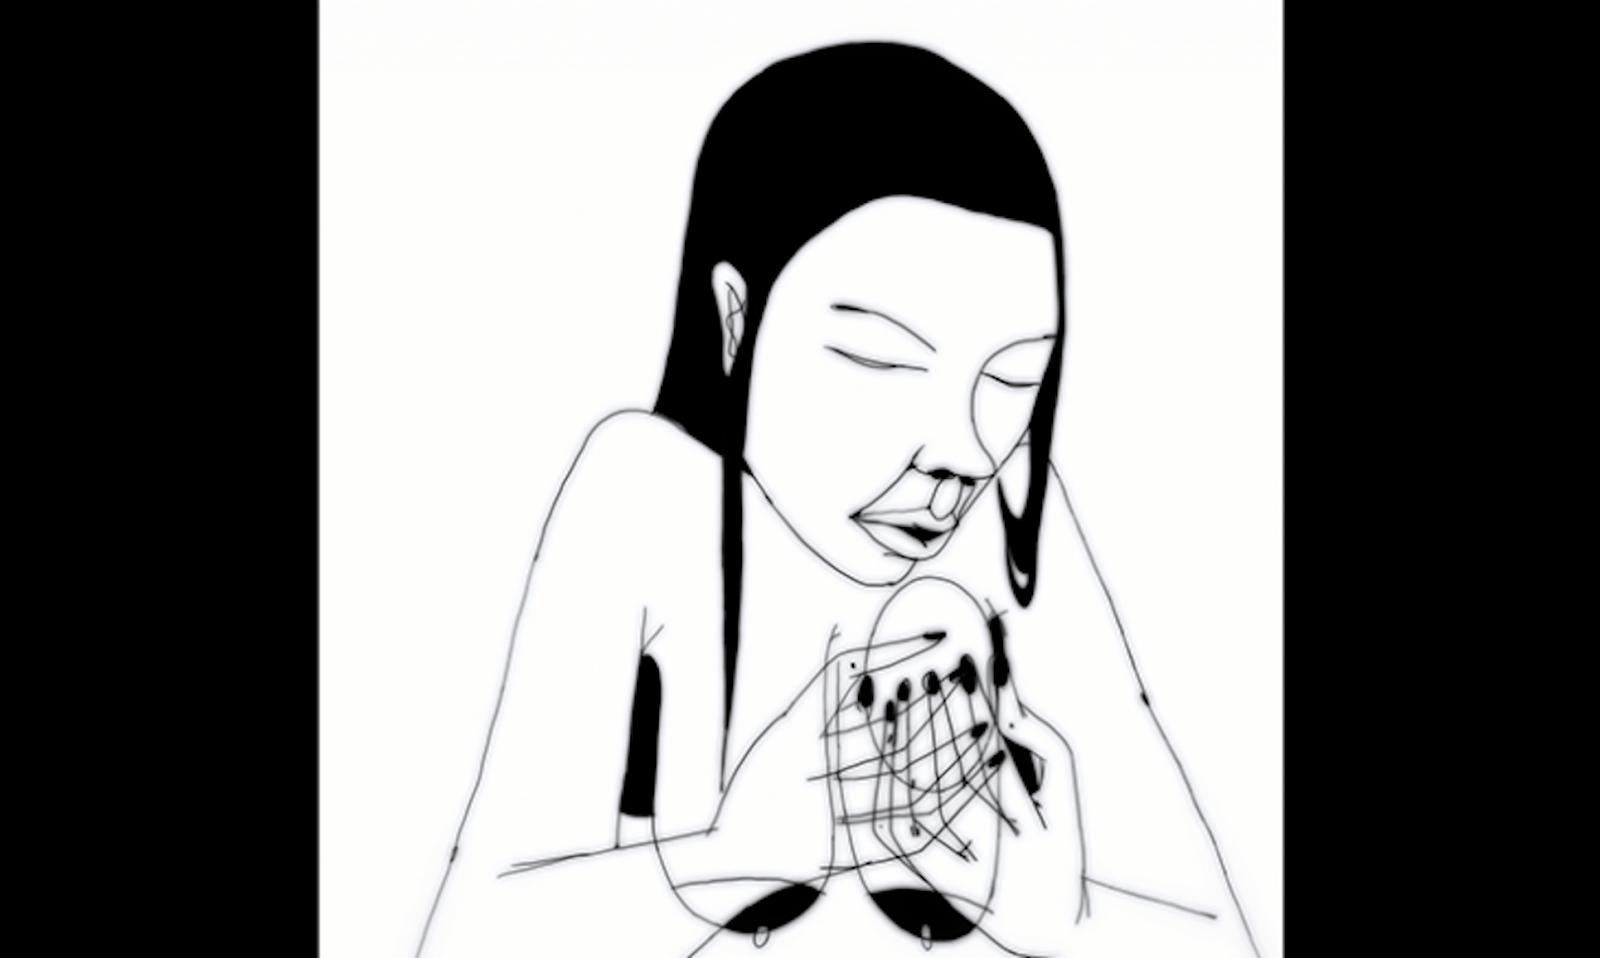 Besplatni 3d crtani filmovi o seksu